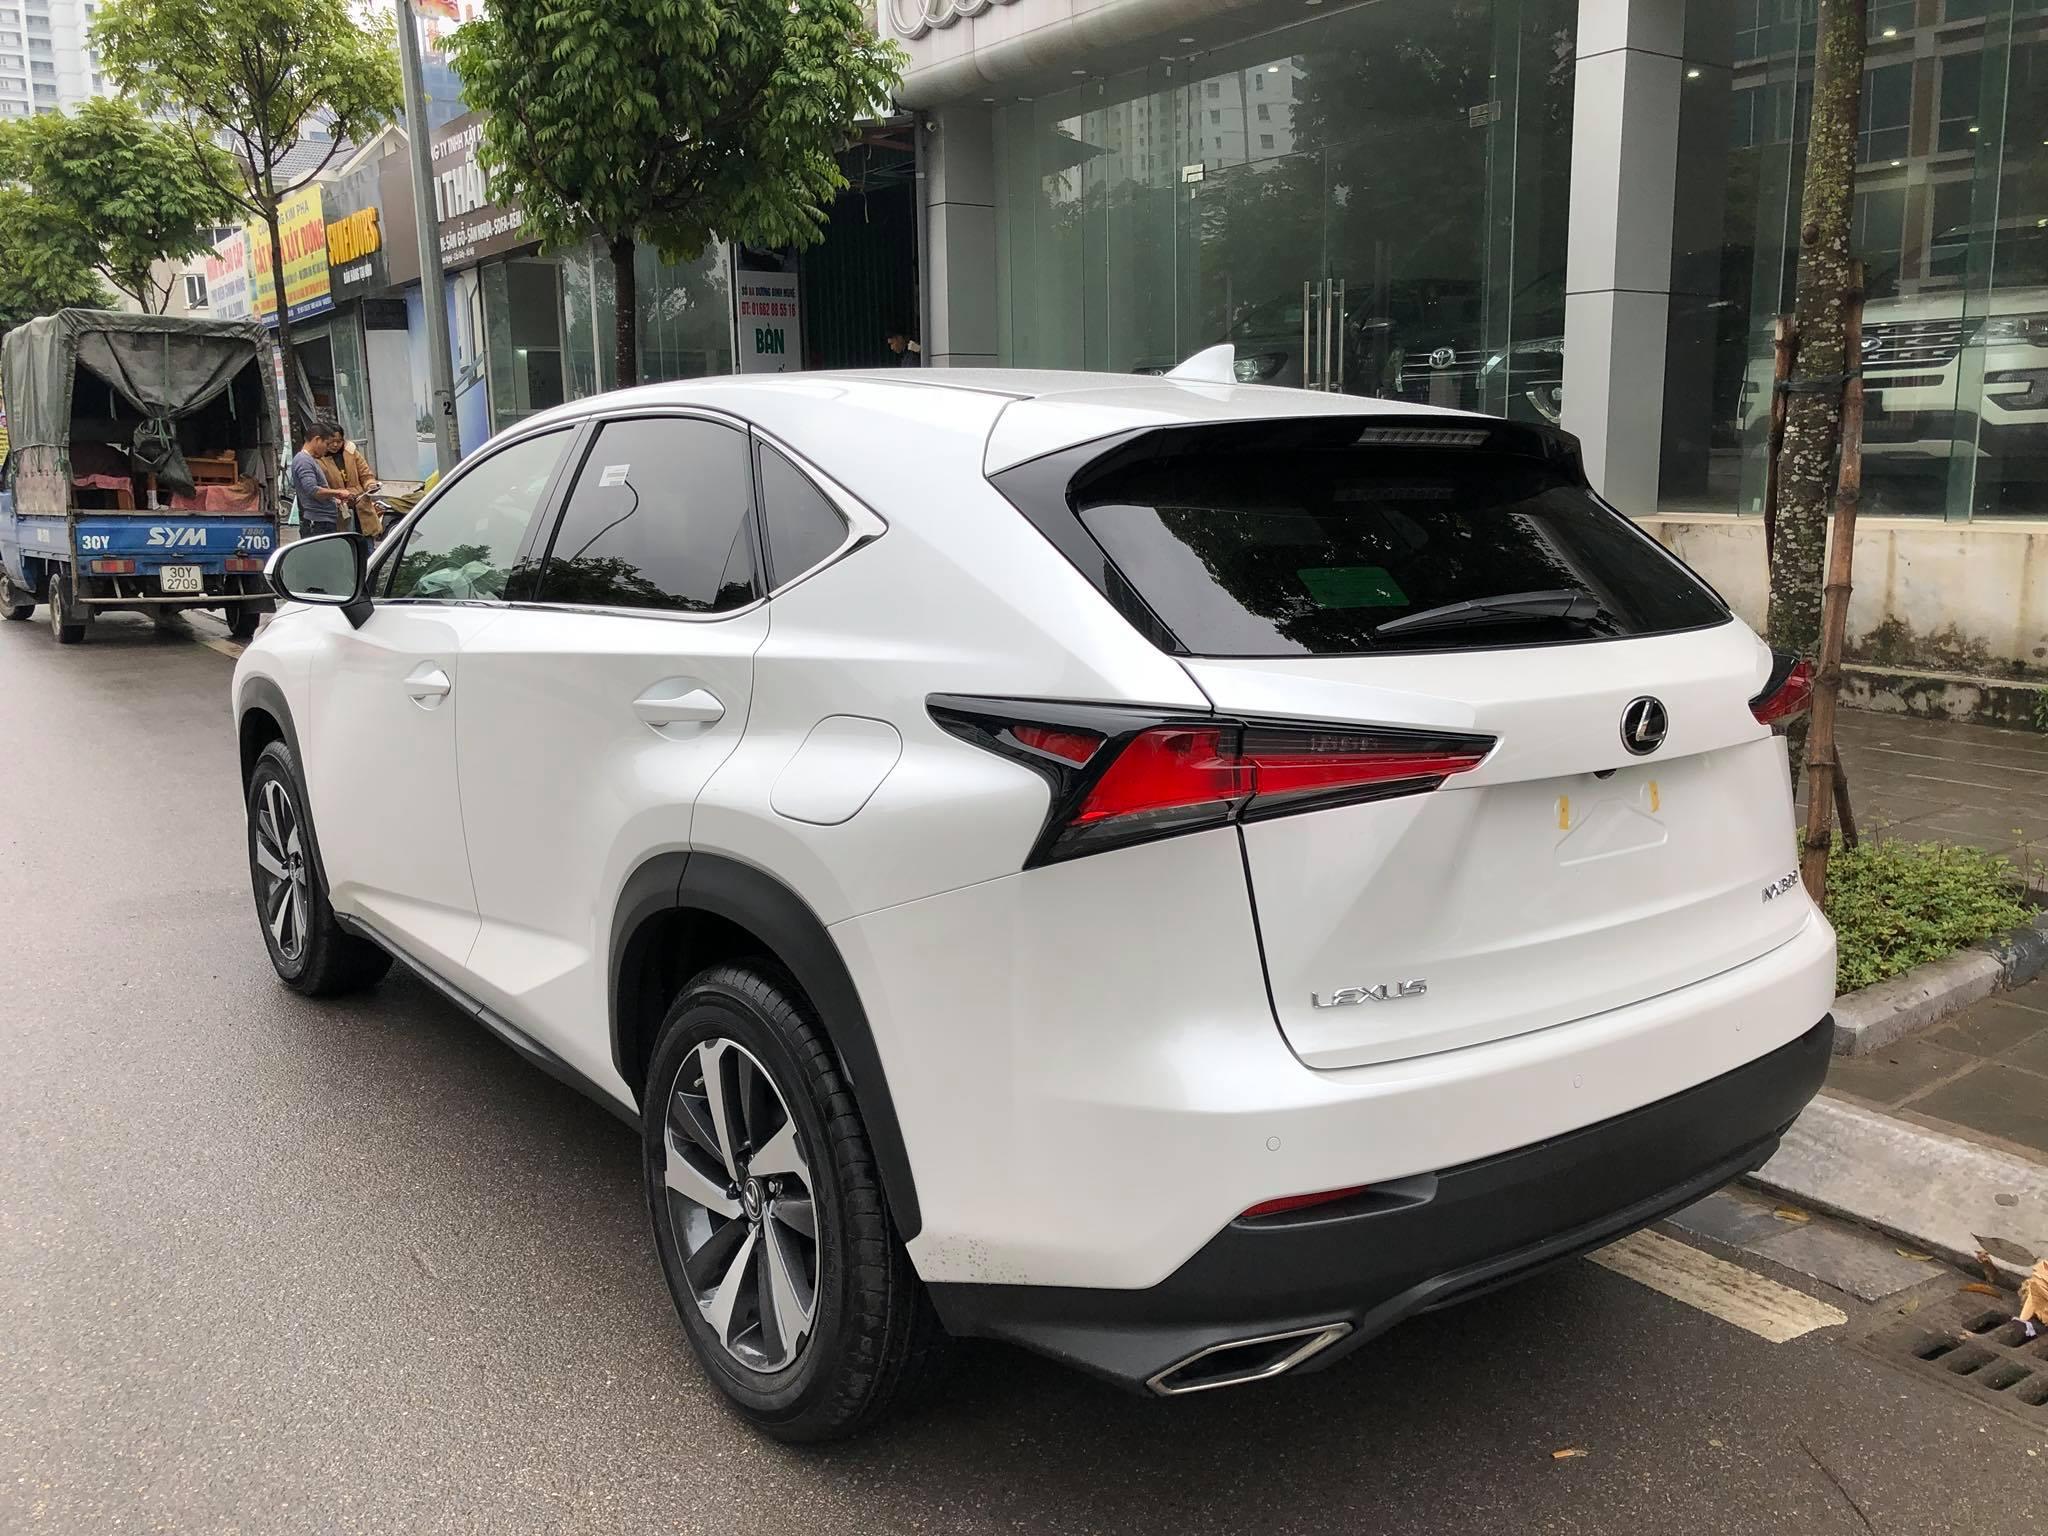 Lexus NX300t 2018 30F-838.xx